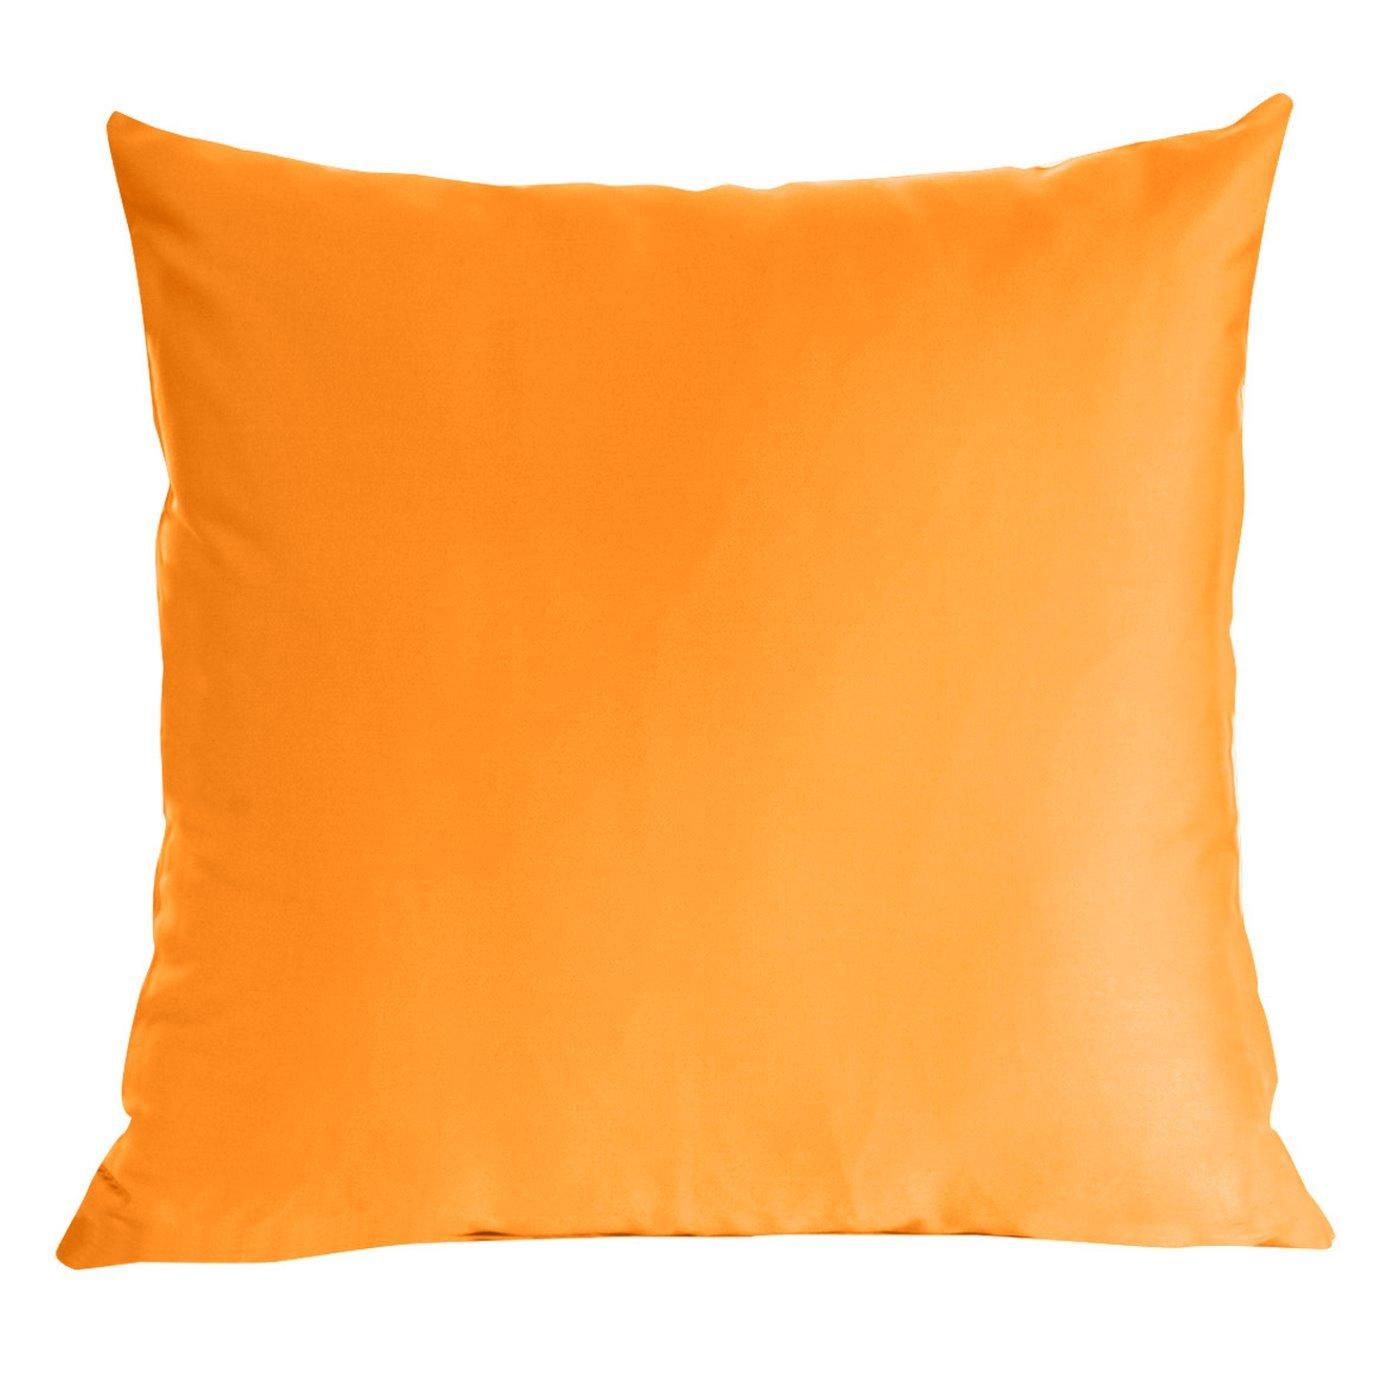 Poszewka dekoracyjna na poduszkę  70 x 80 Kolor Pomarańczowy